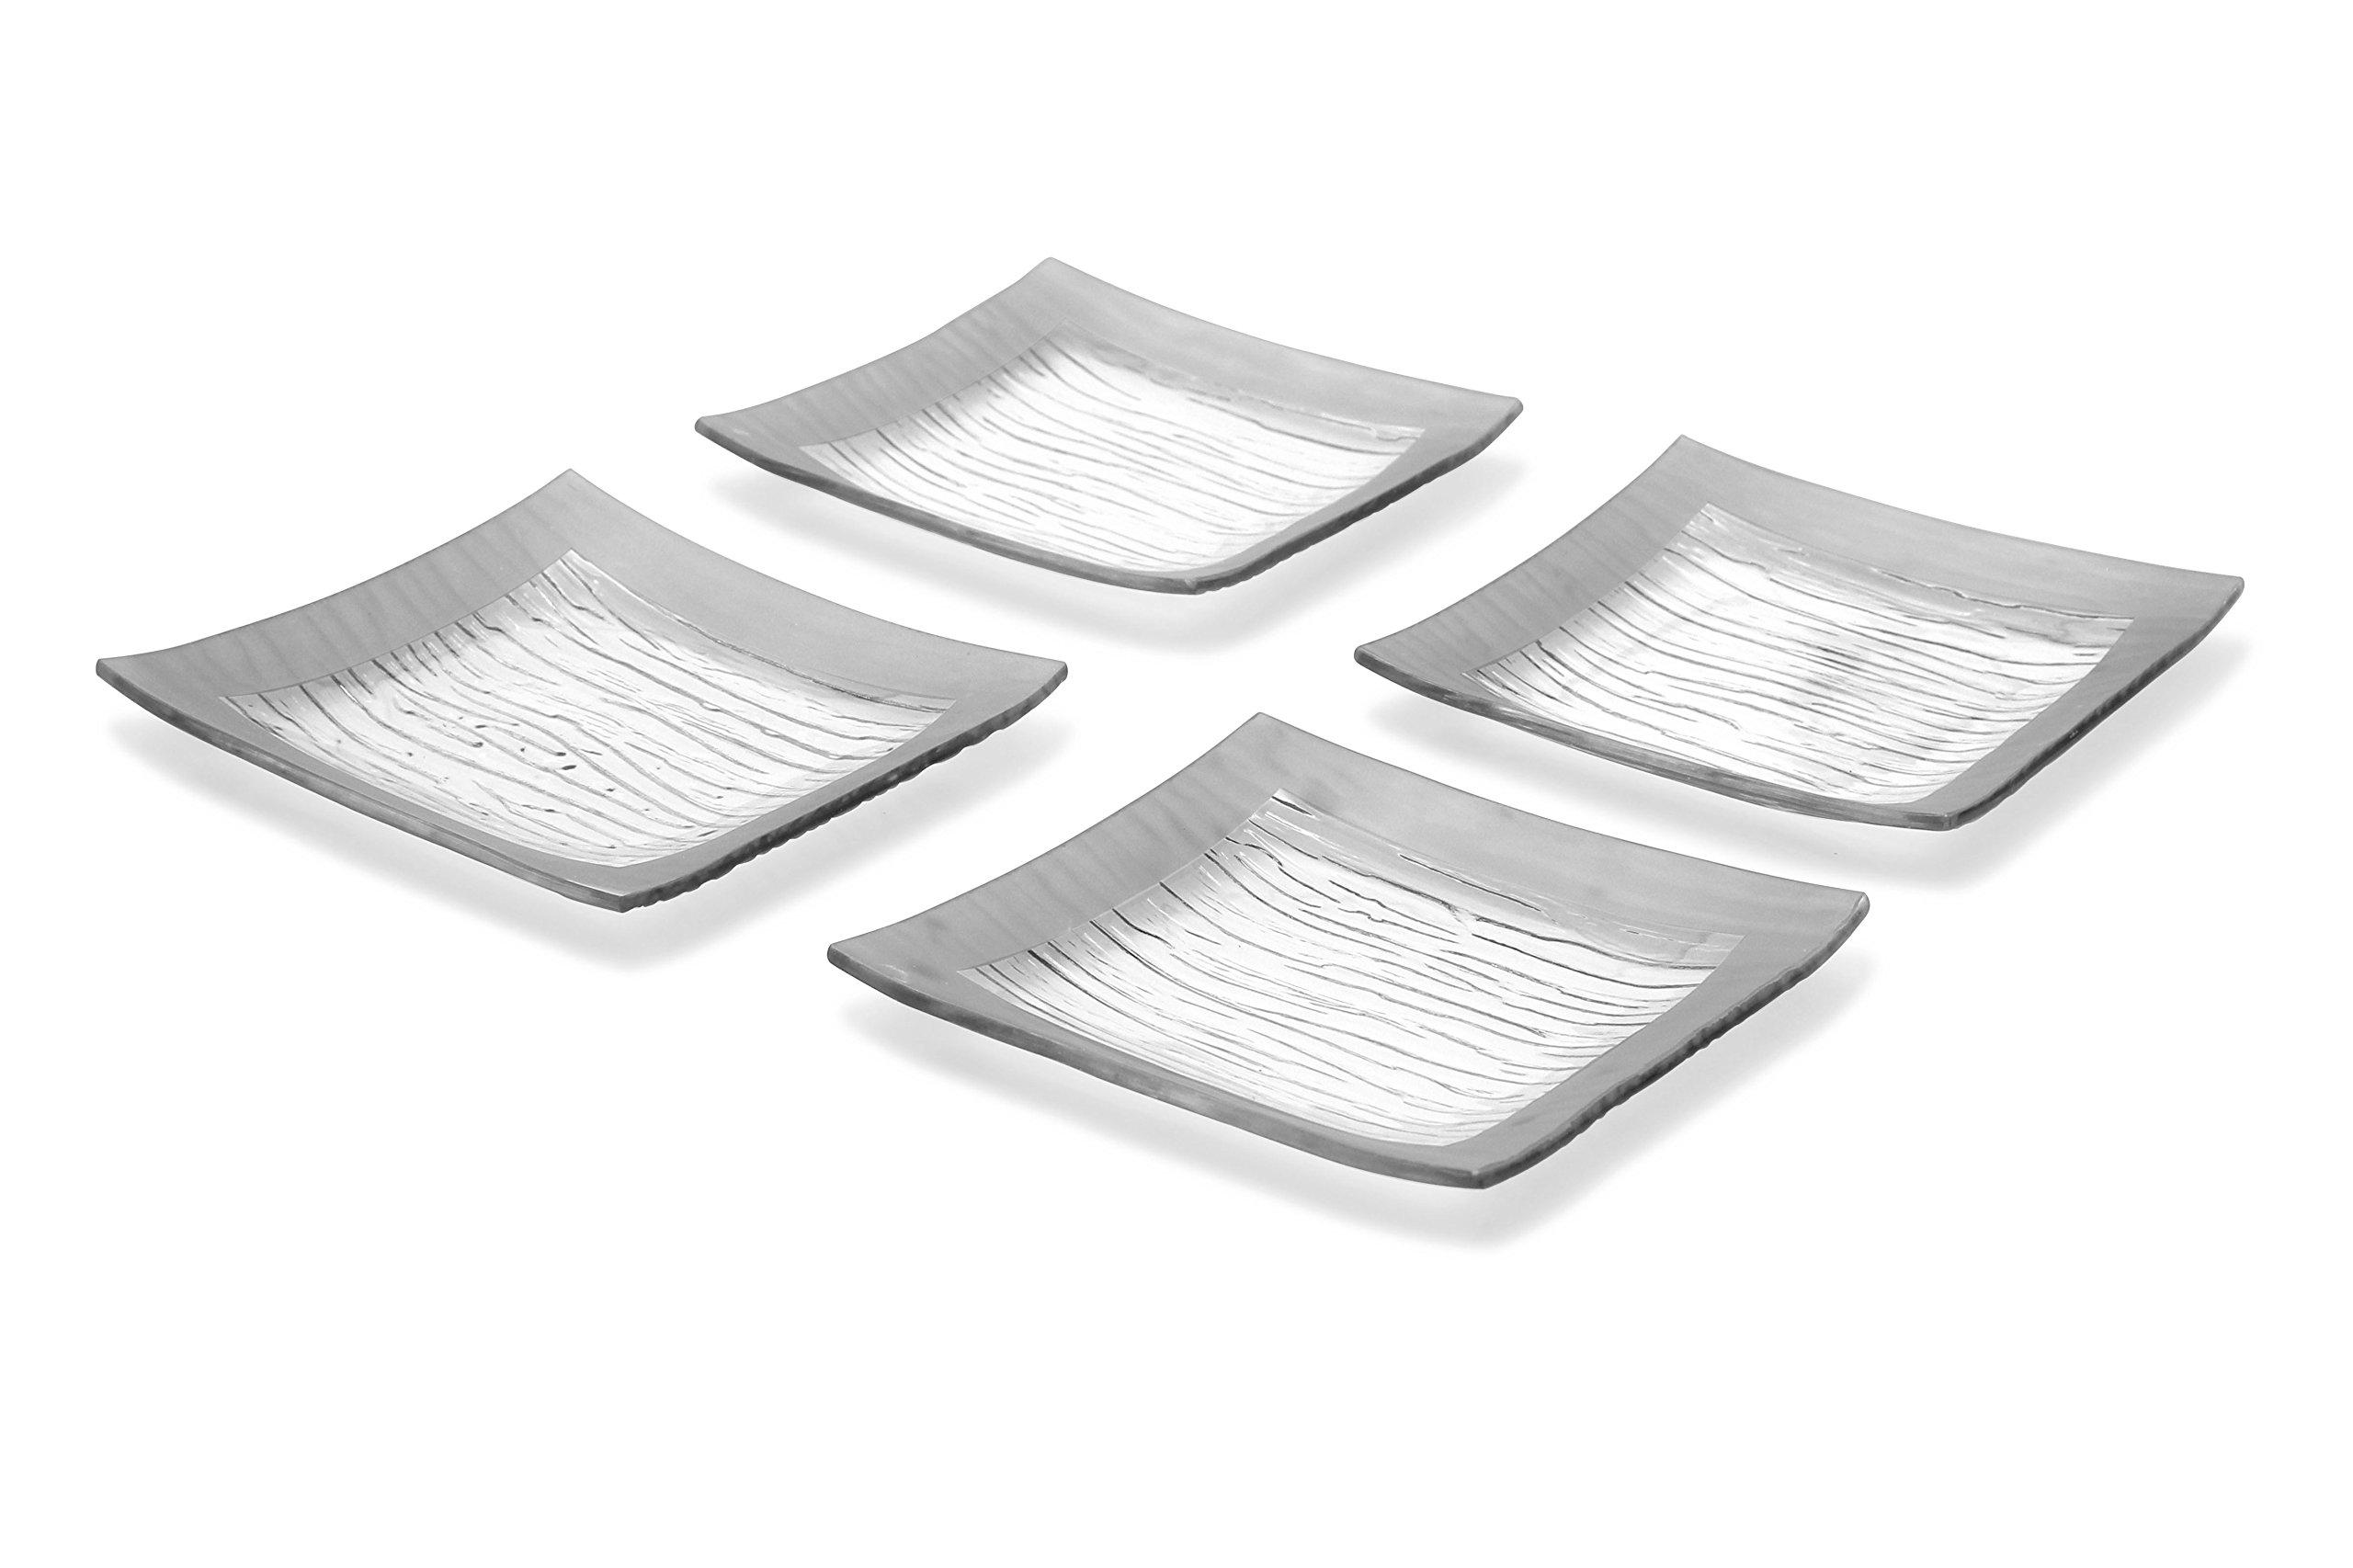 GAC Elegant Designed Square Tempered Glass Dessert Plates Set of 4 – Break and Chip Resistant - Oven Proof - Microwave Safe - Dishwasher Safe 6 Inch by GAC (Image #2)